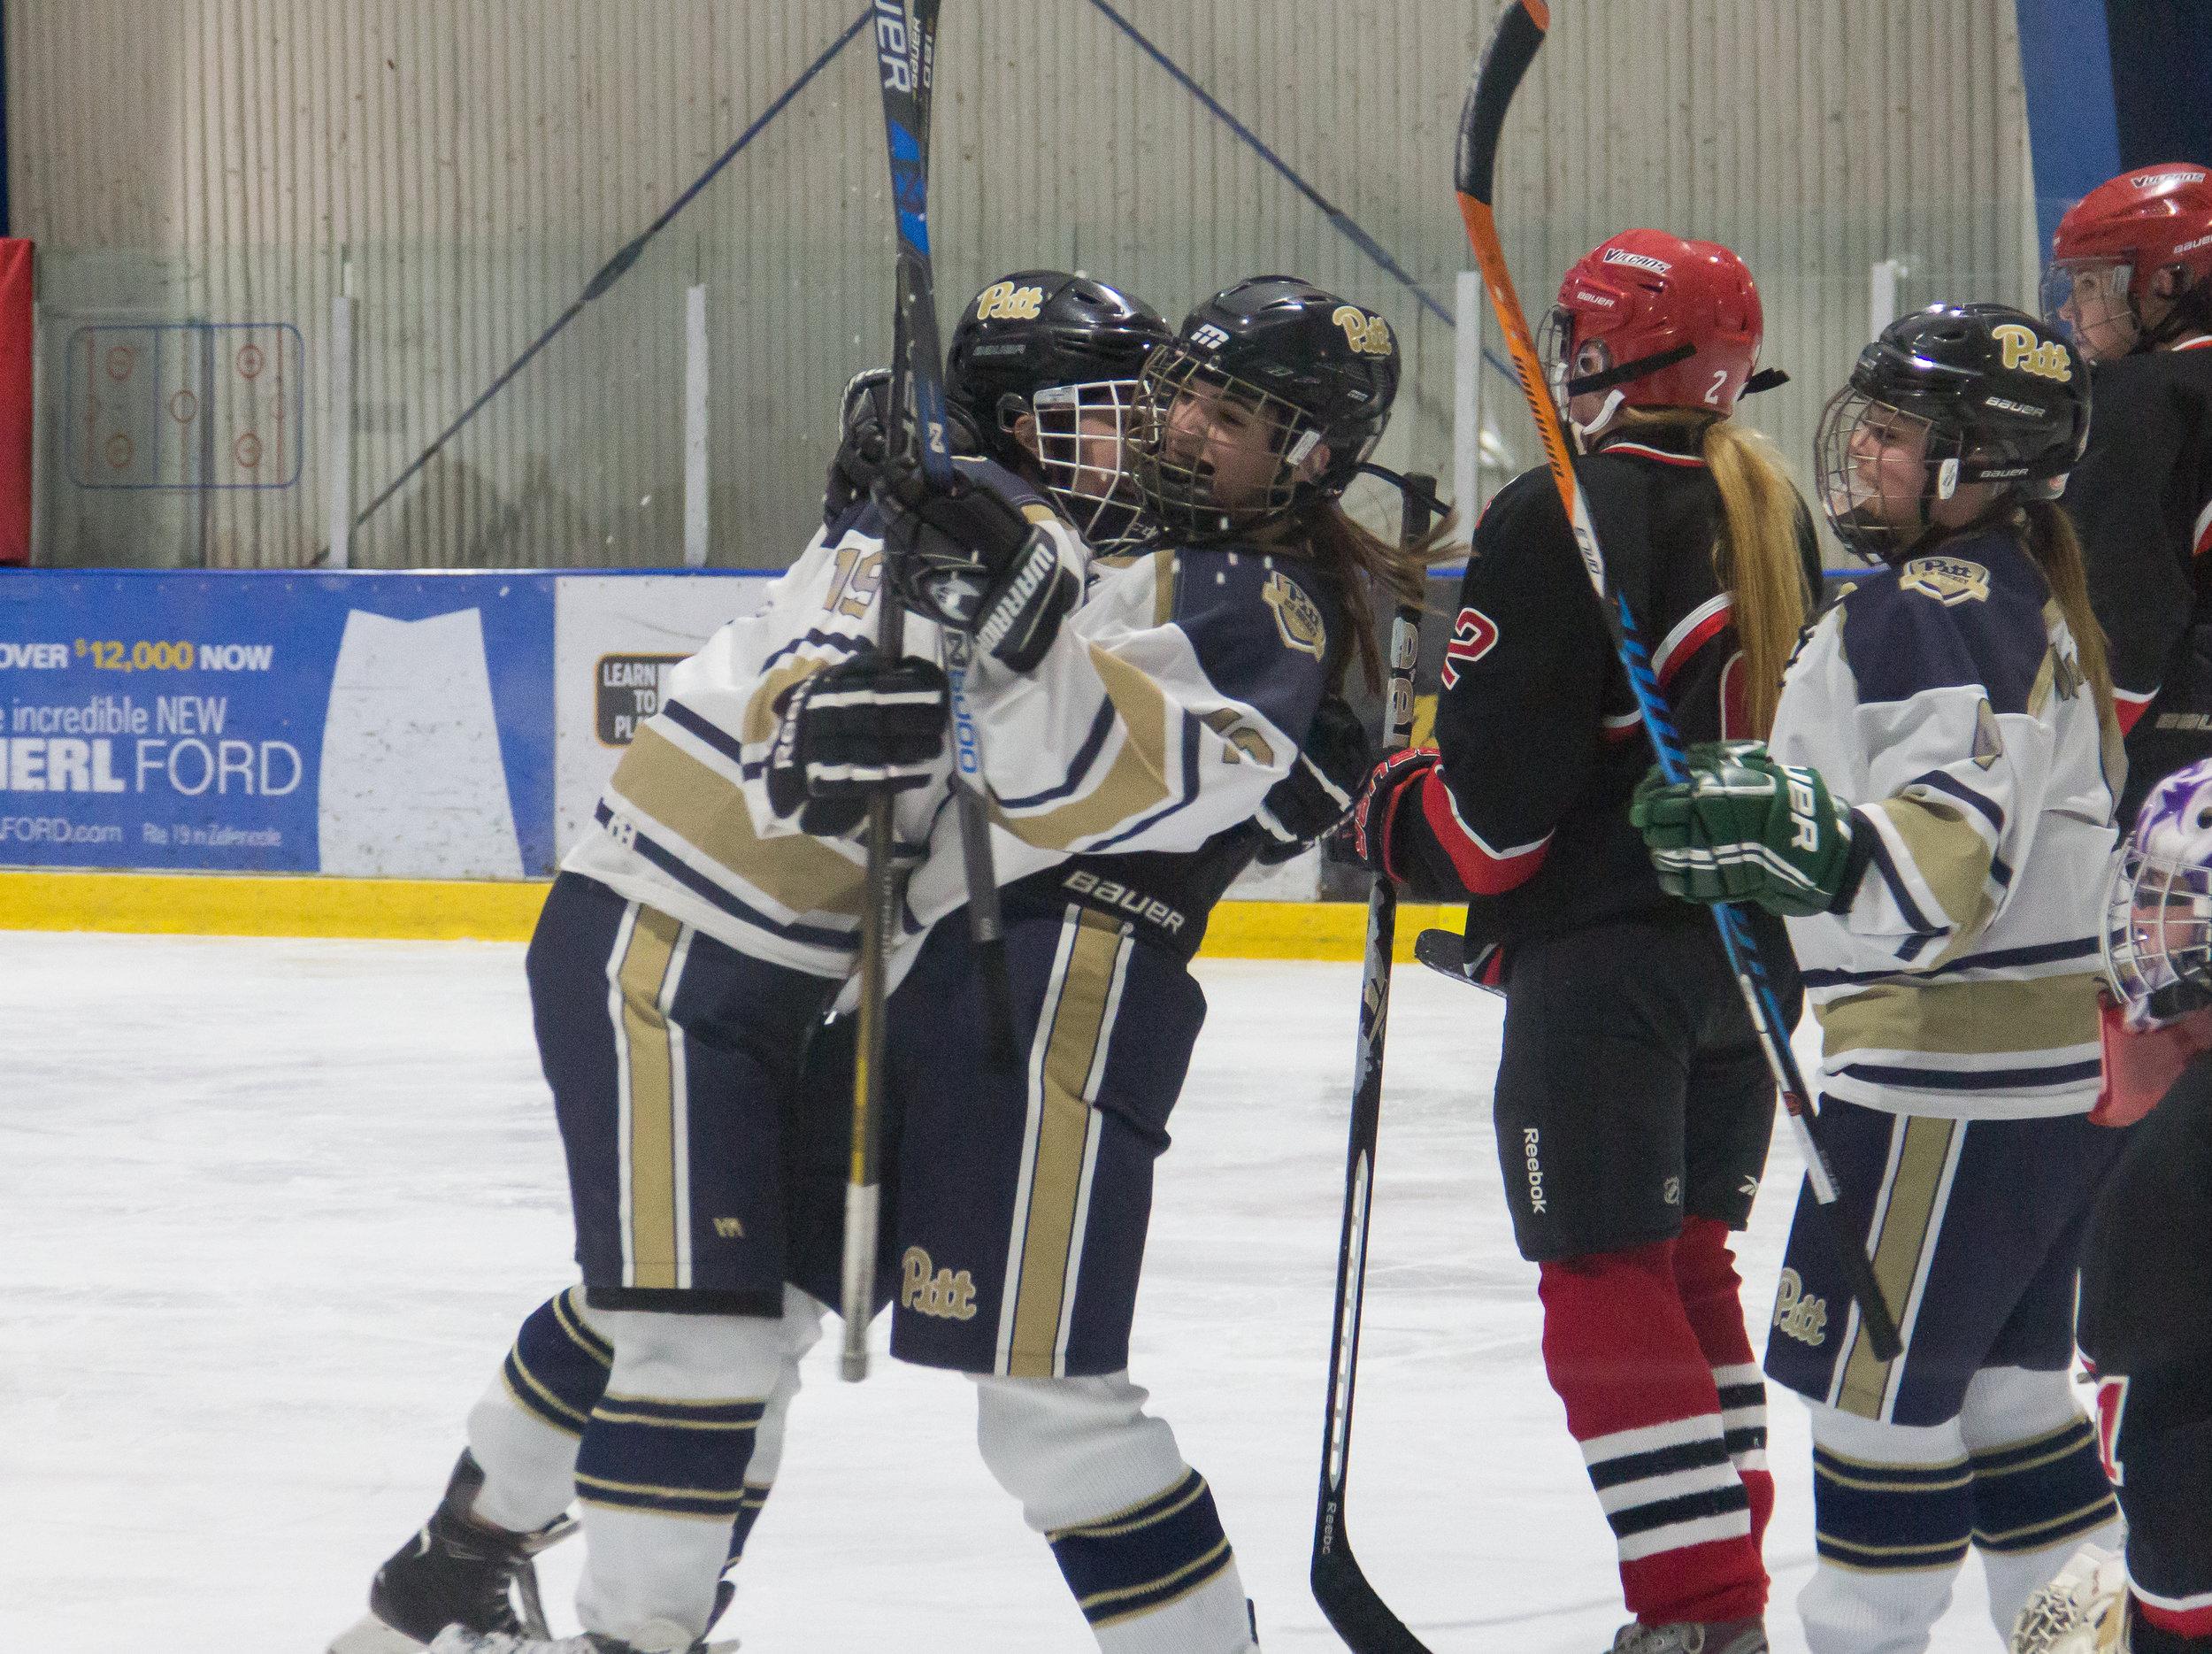 PittHockey-47.jpg